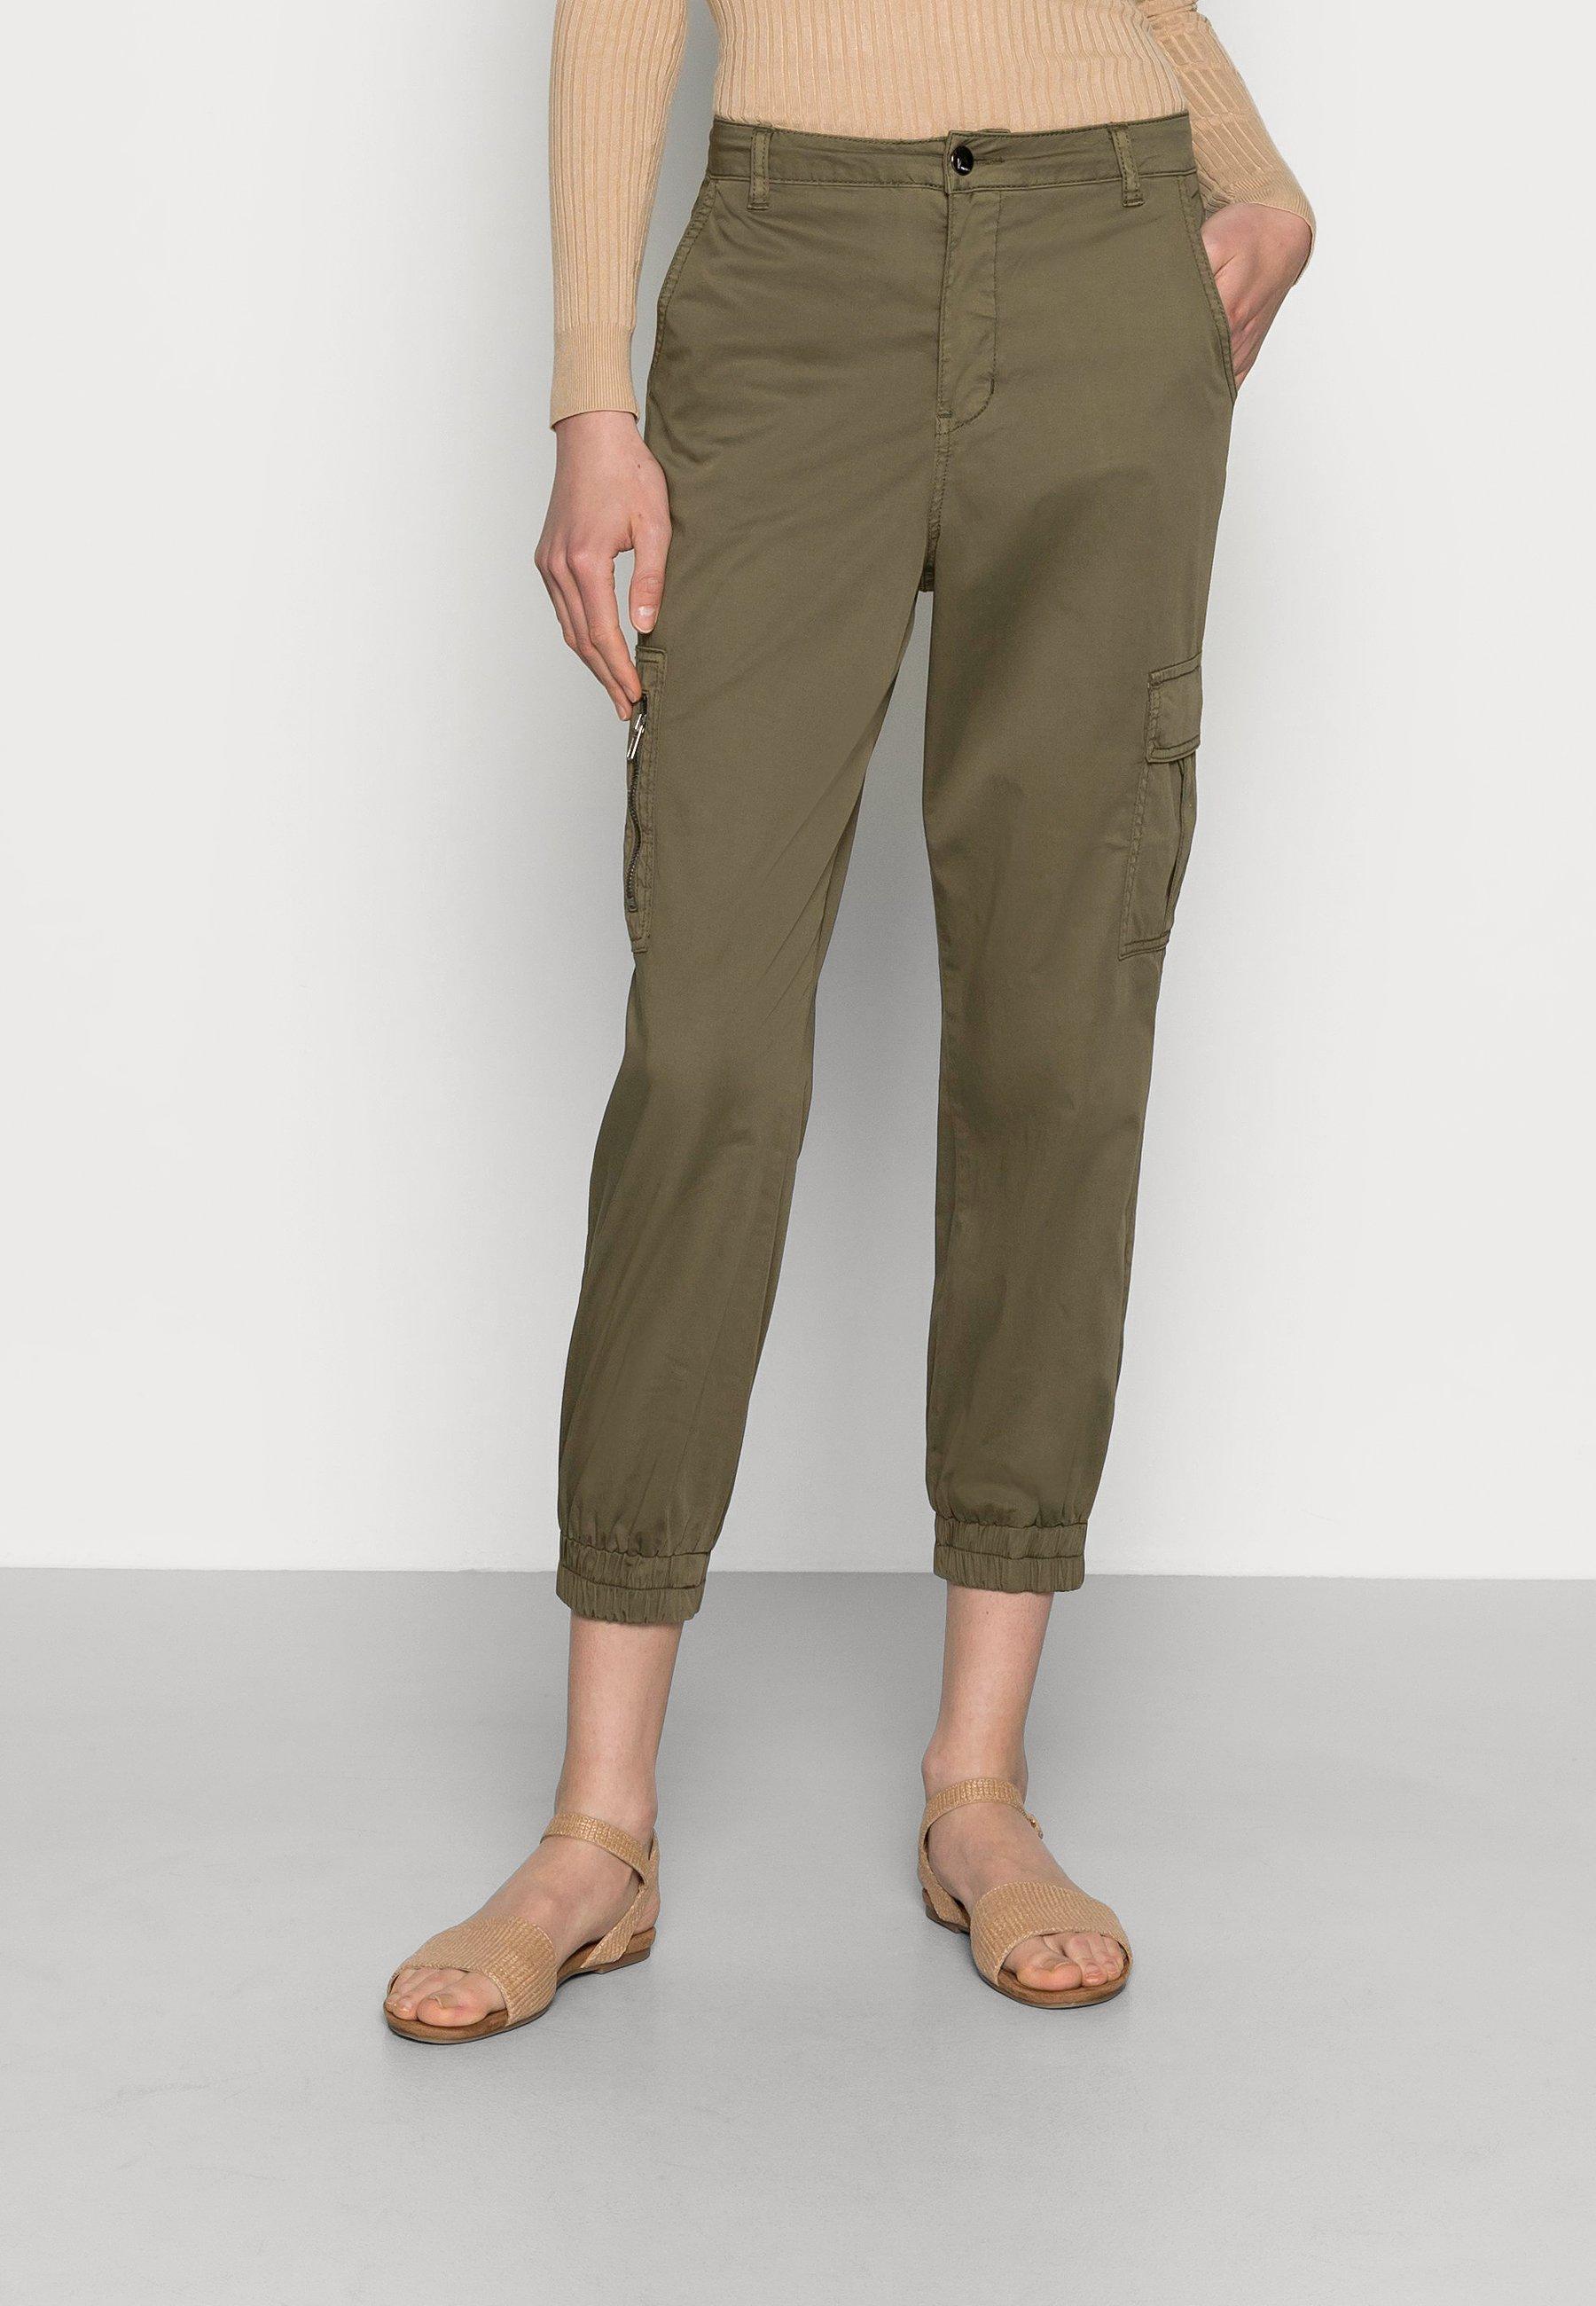 Femme WELLA BAGGY PANTS - Pantalon cargo